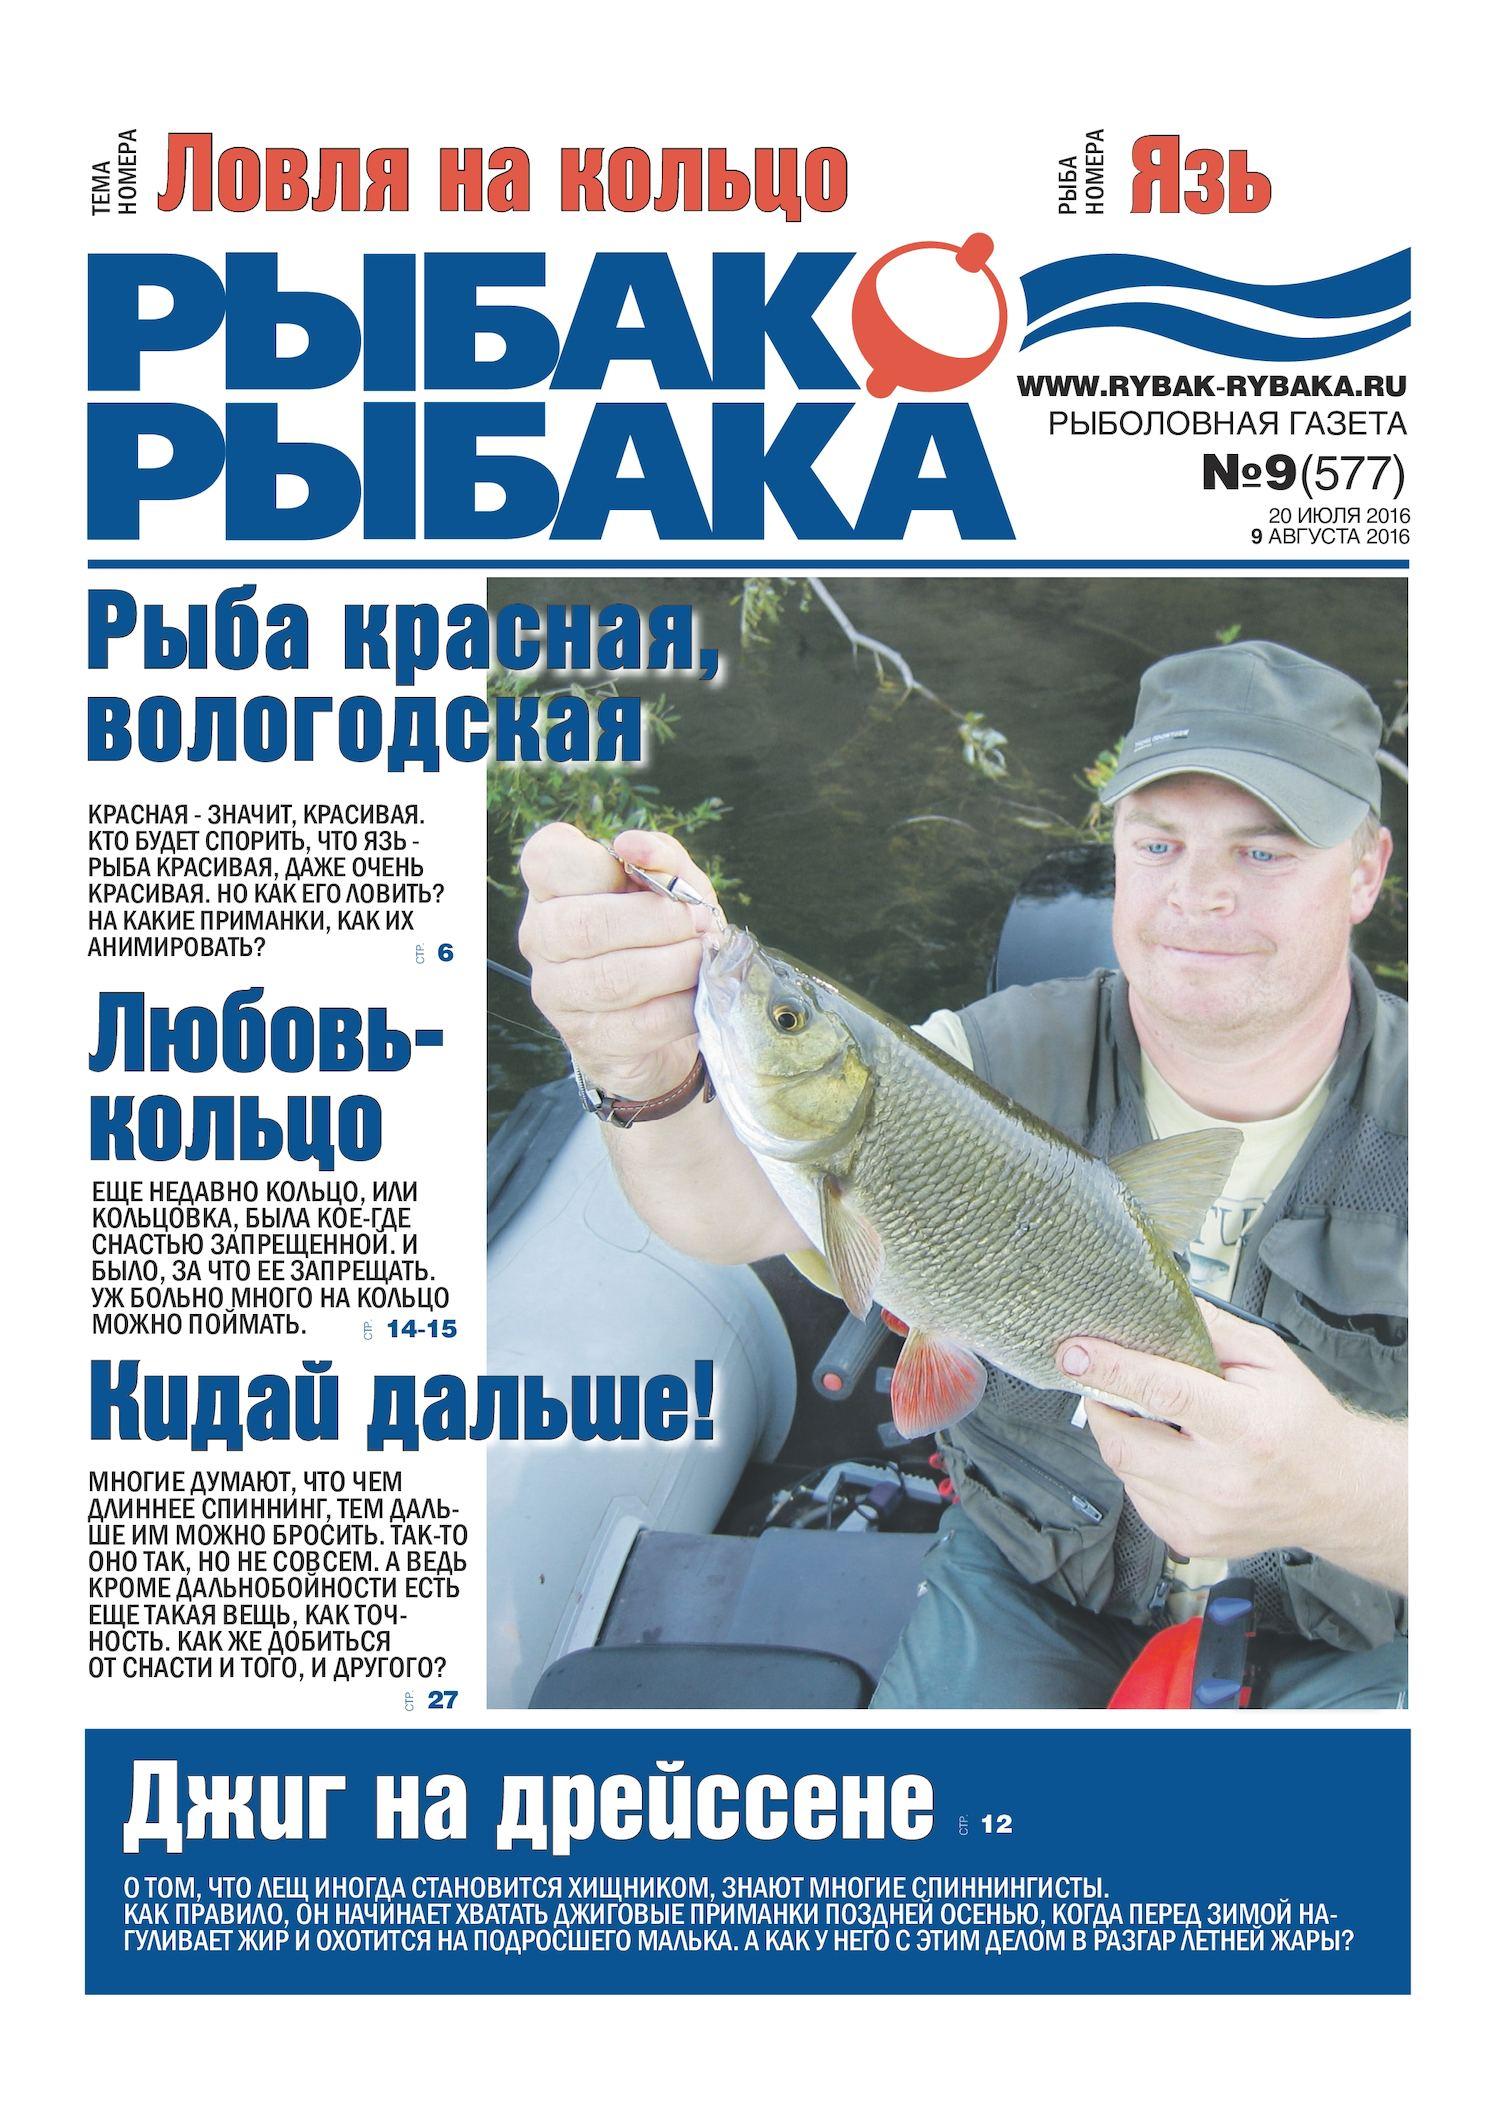 Ботало для рыбалки своими руками фото 665